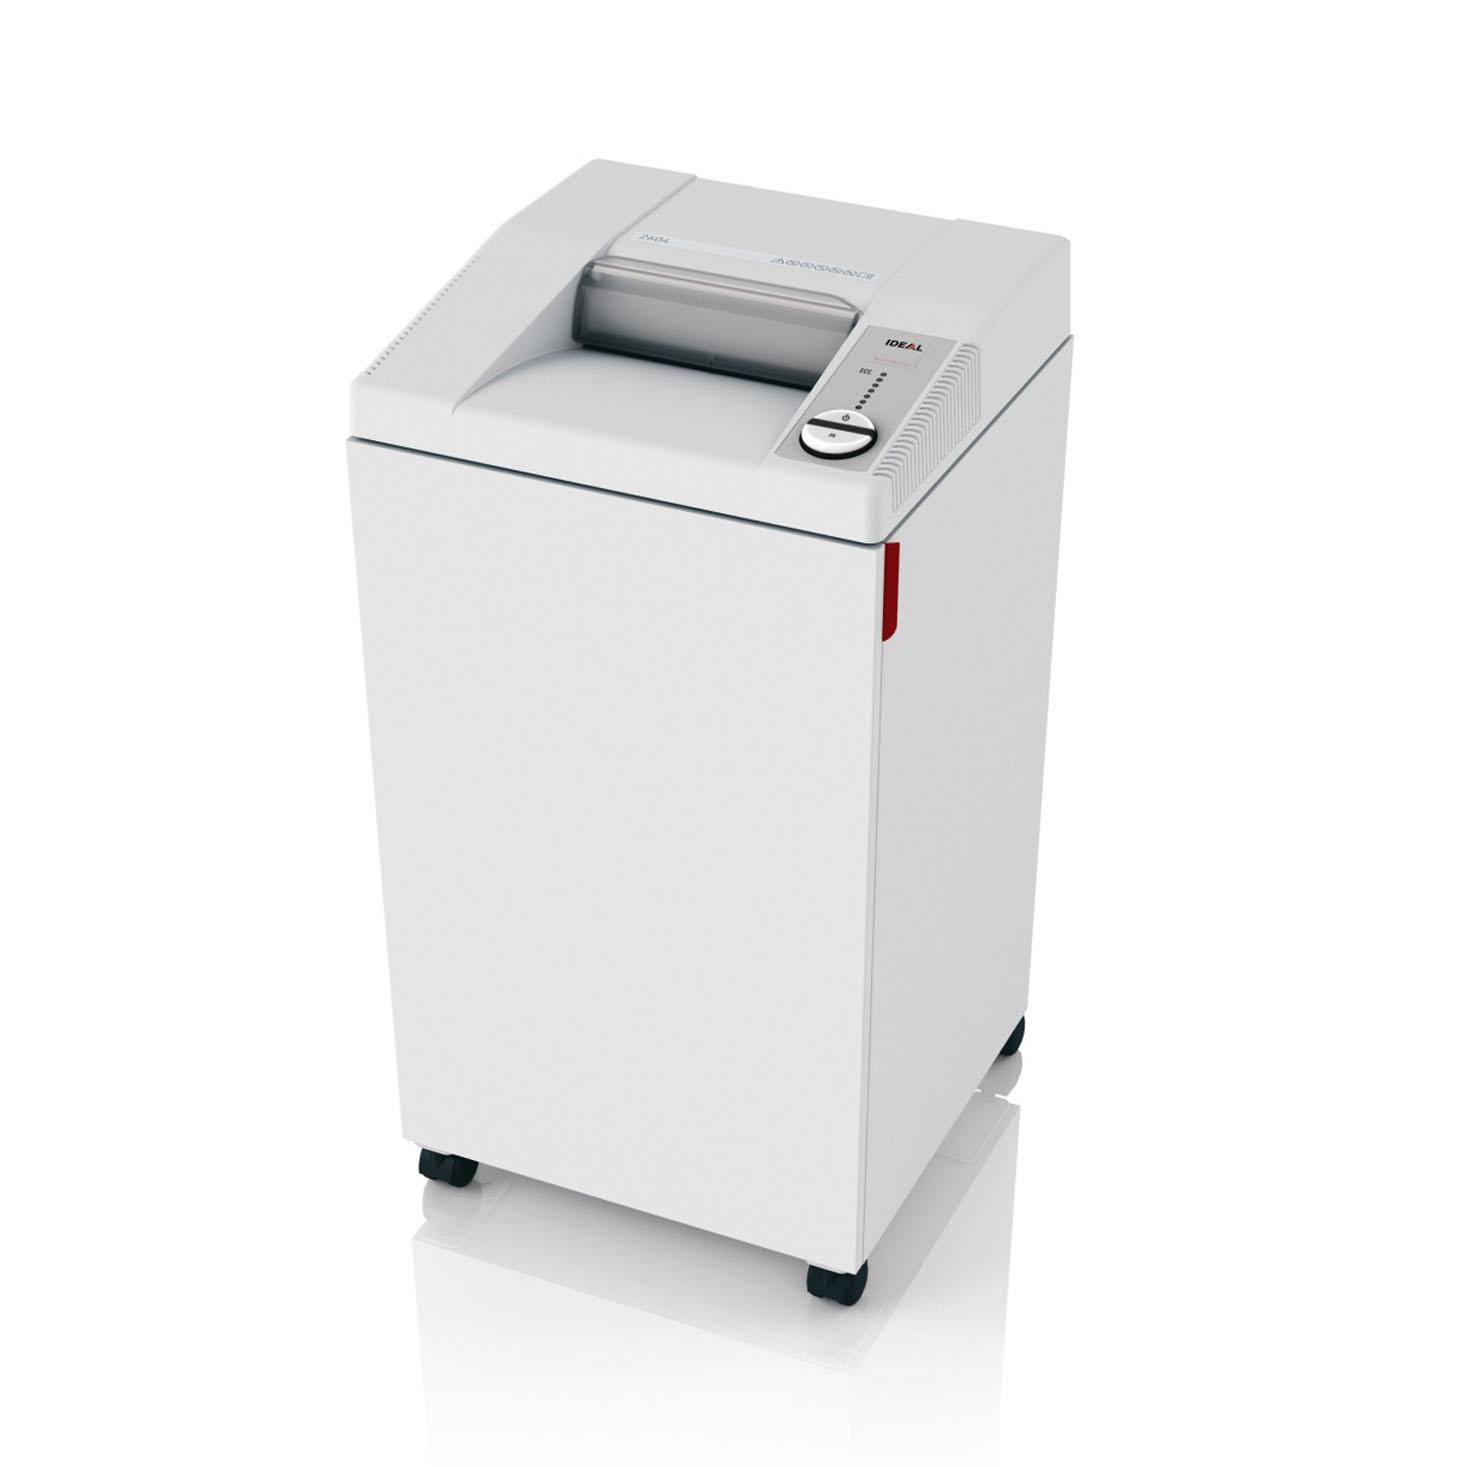 Niszczarka biznes premium - IDEAL 2604 CC / 4 x 40 mm